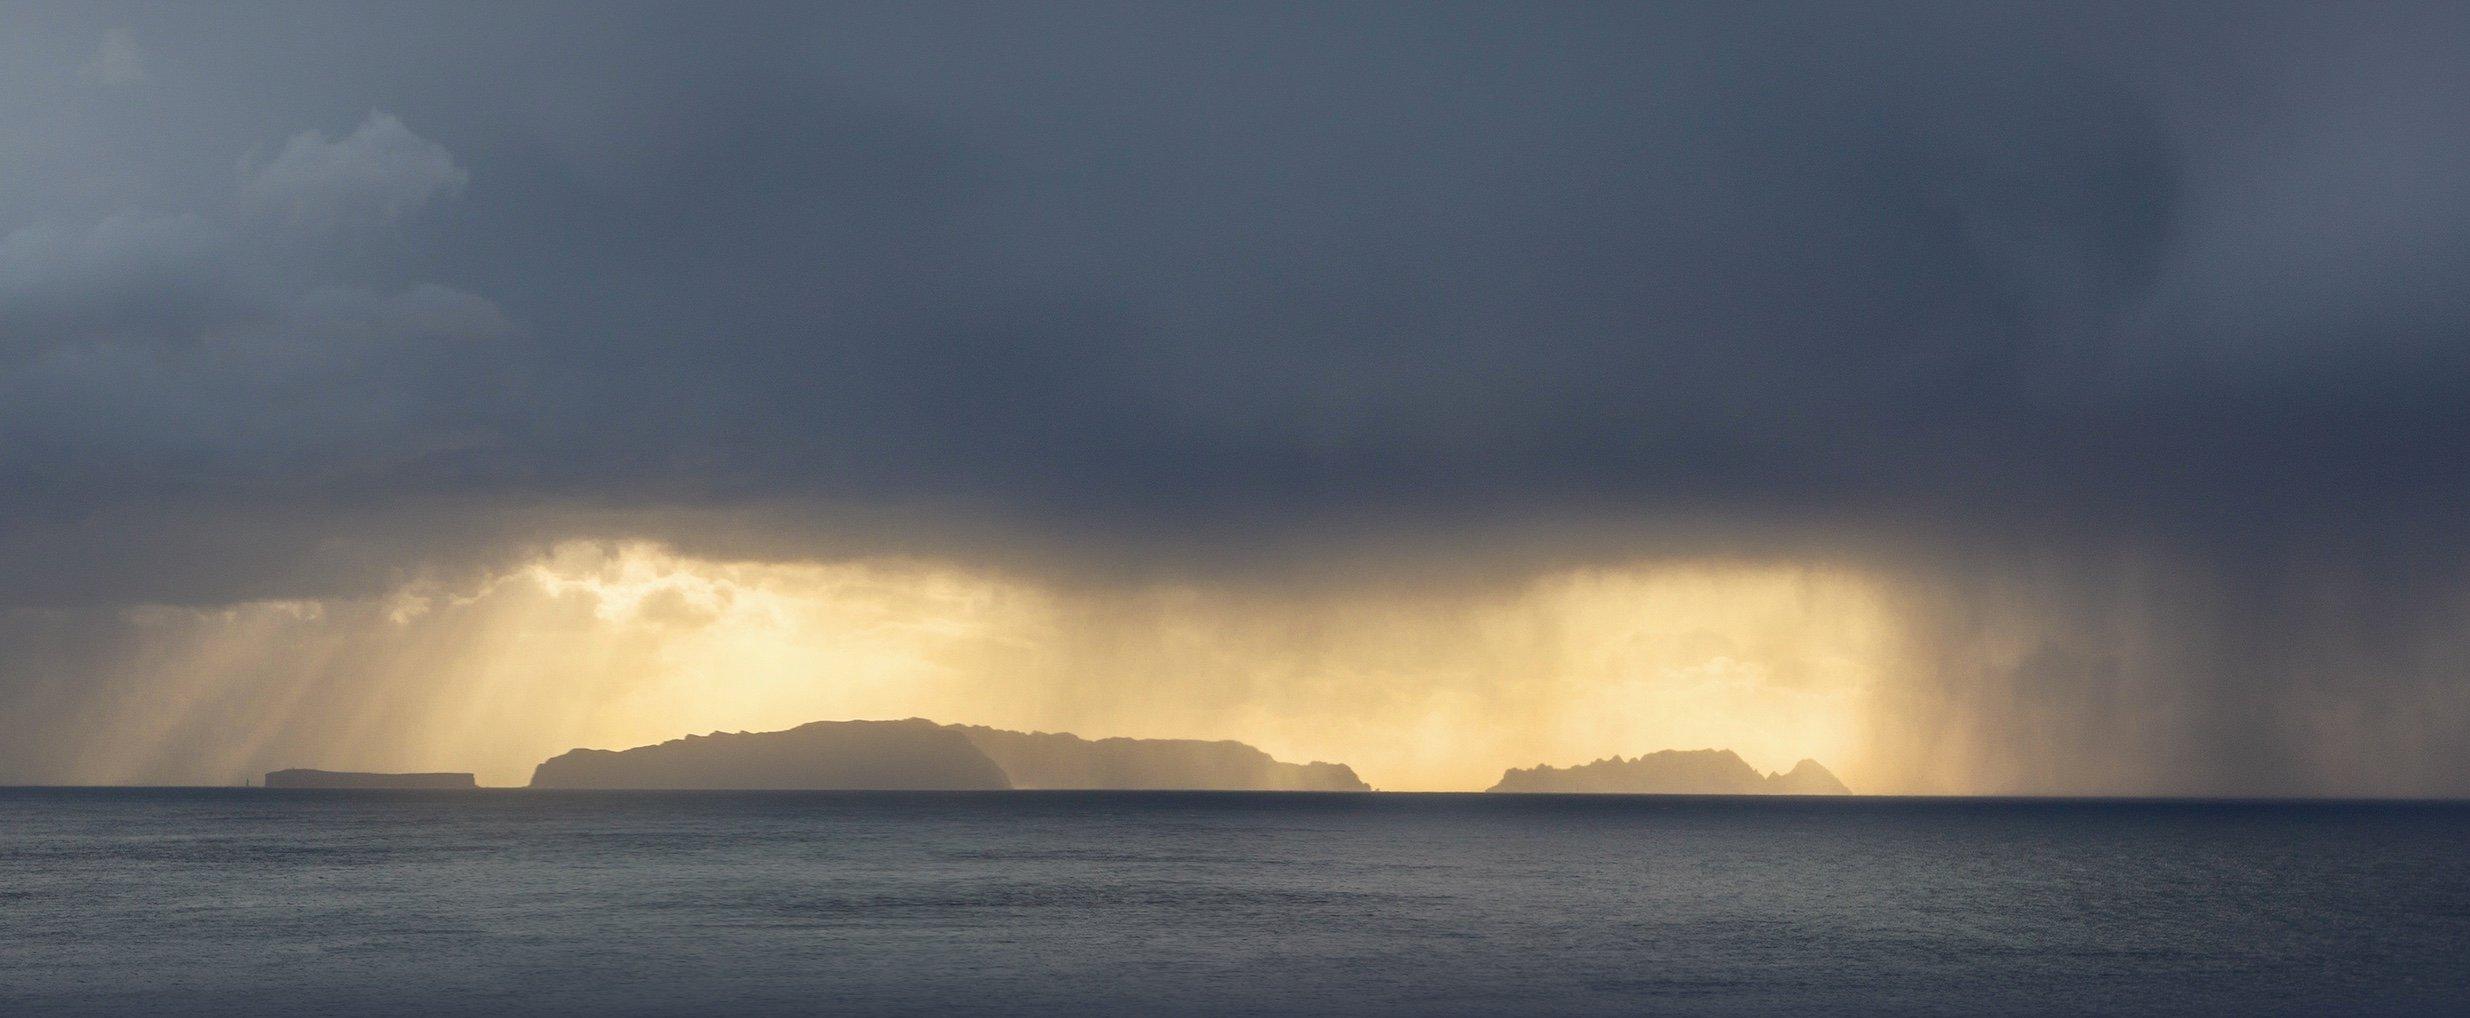 rain shower over the ocean